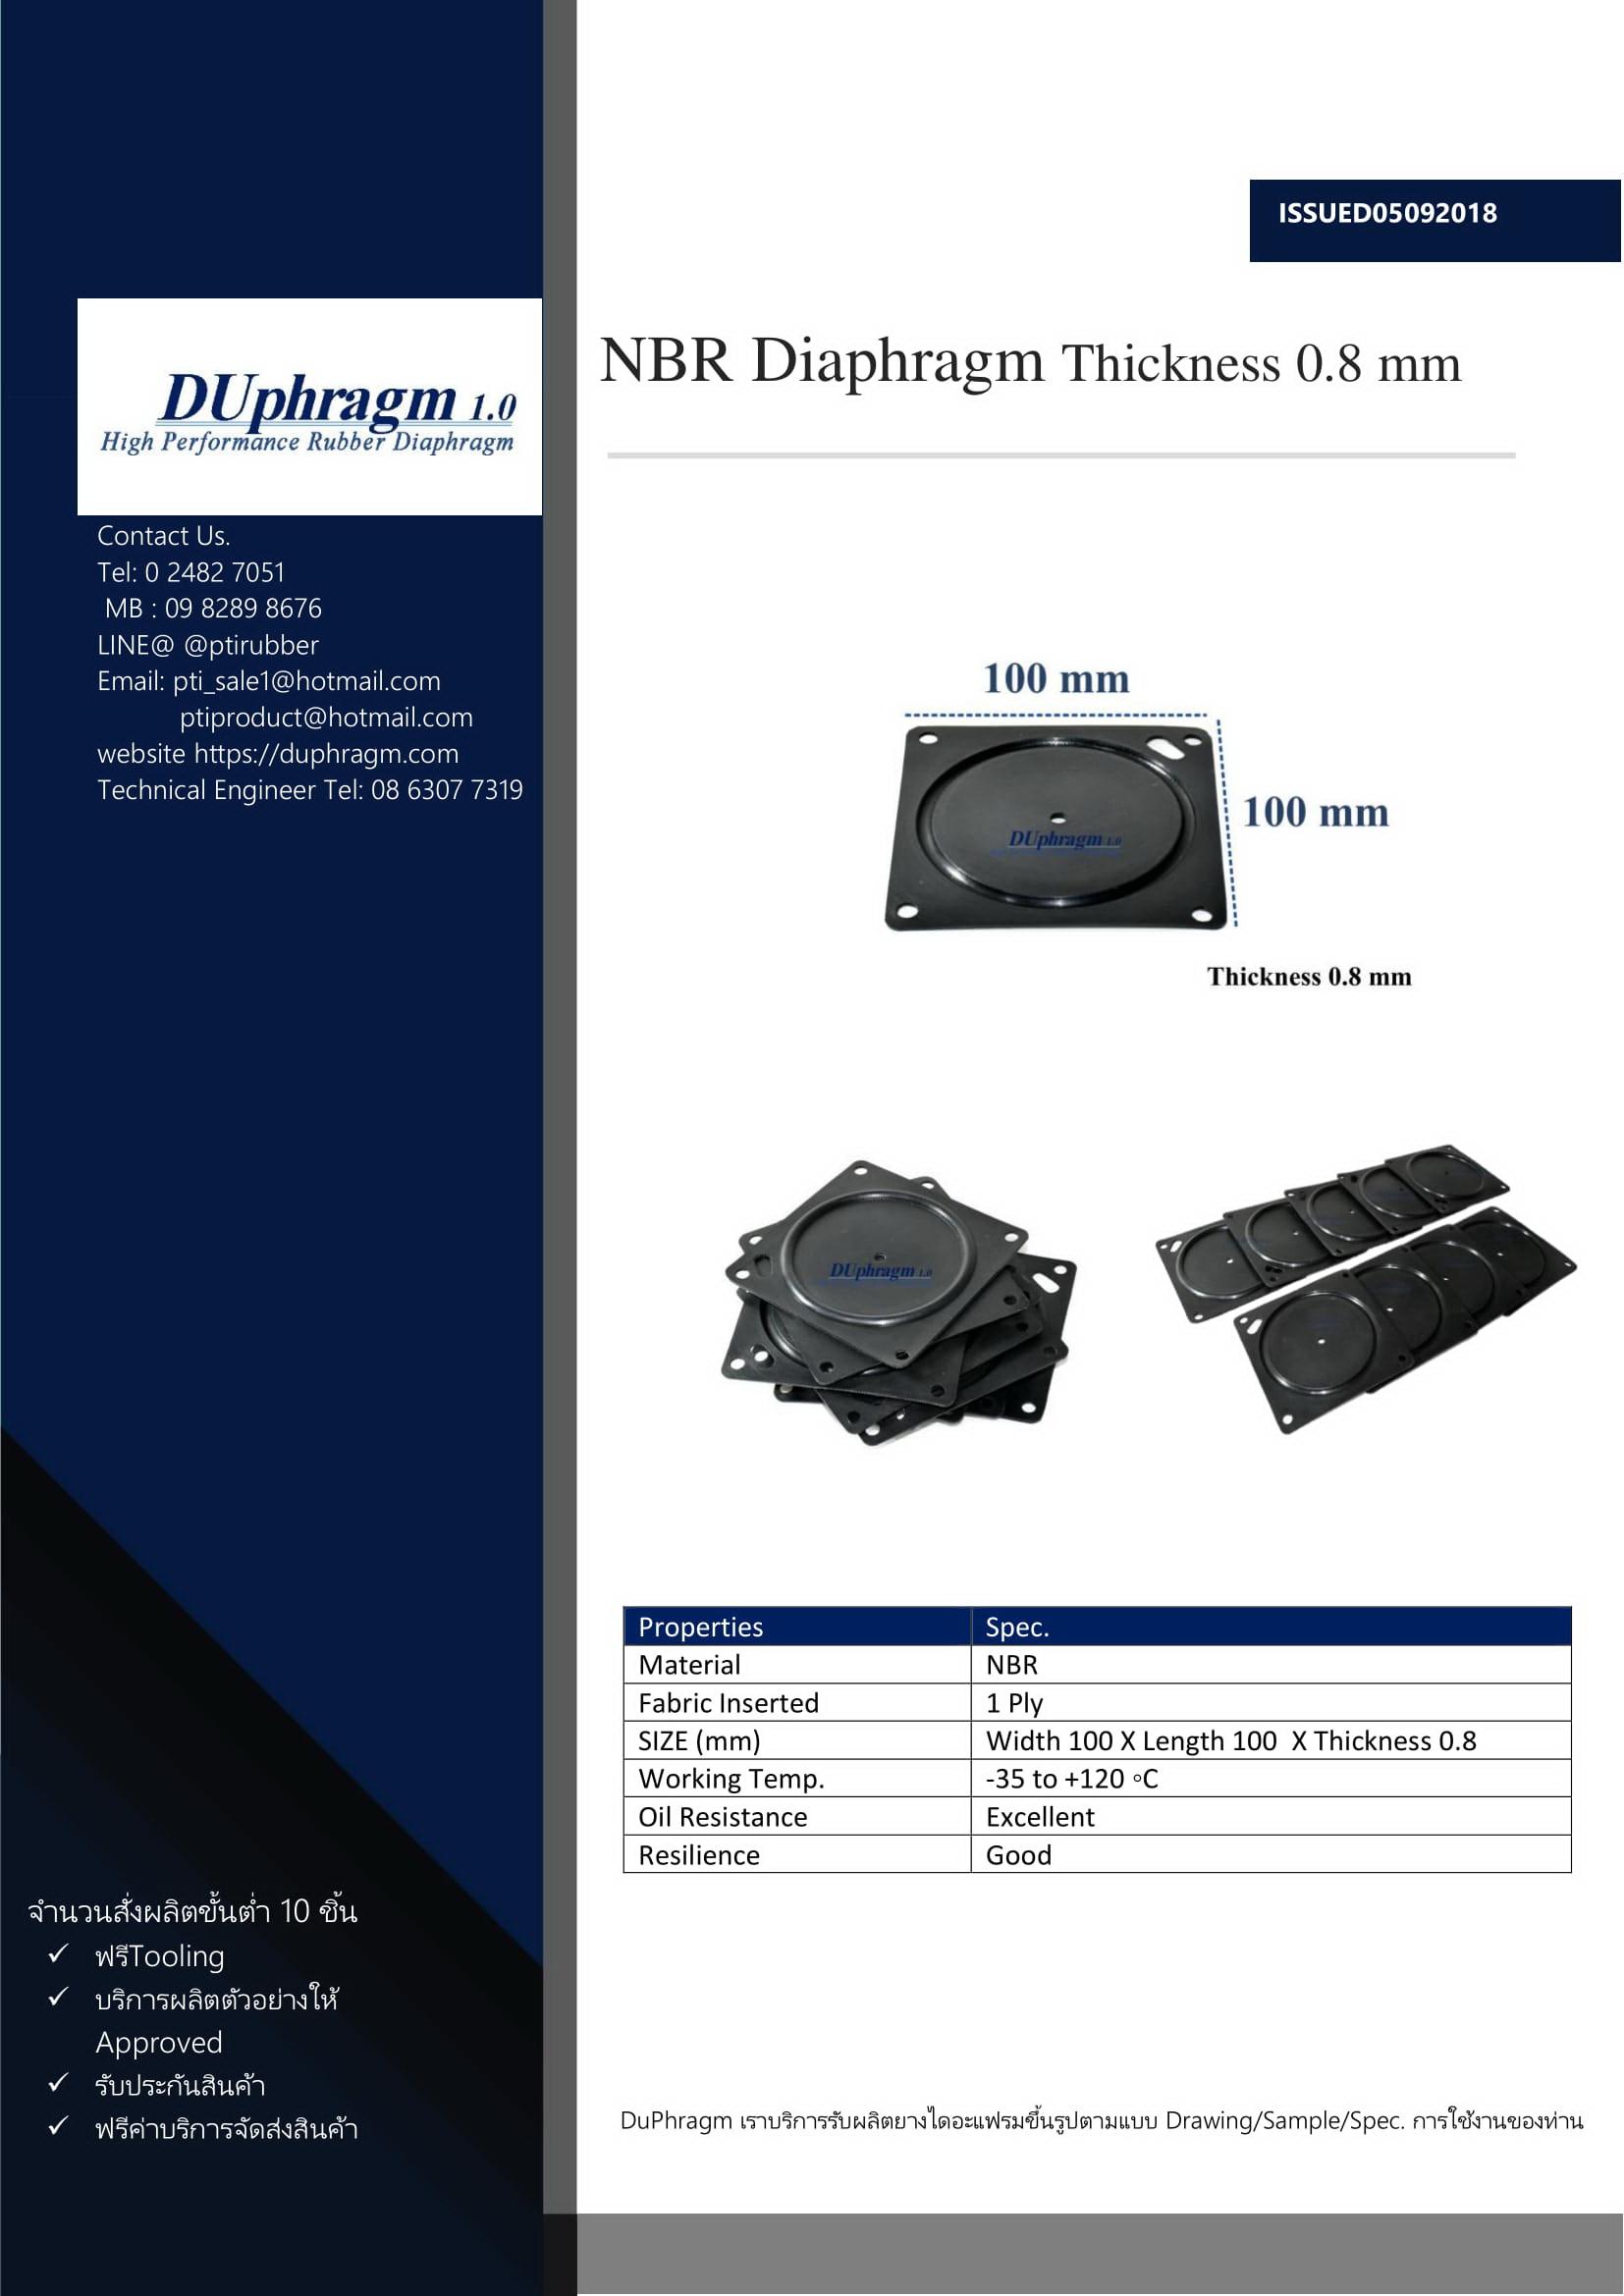 ยางไดอะแฟรมNBR ความหนา 0.8 mm Convoluted Diaphragms-1